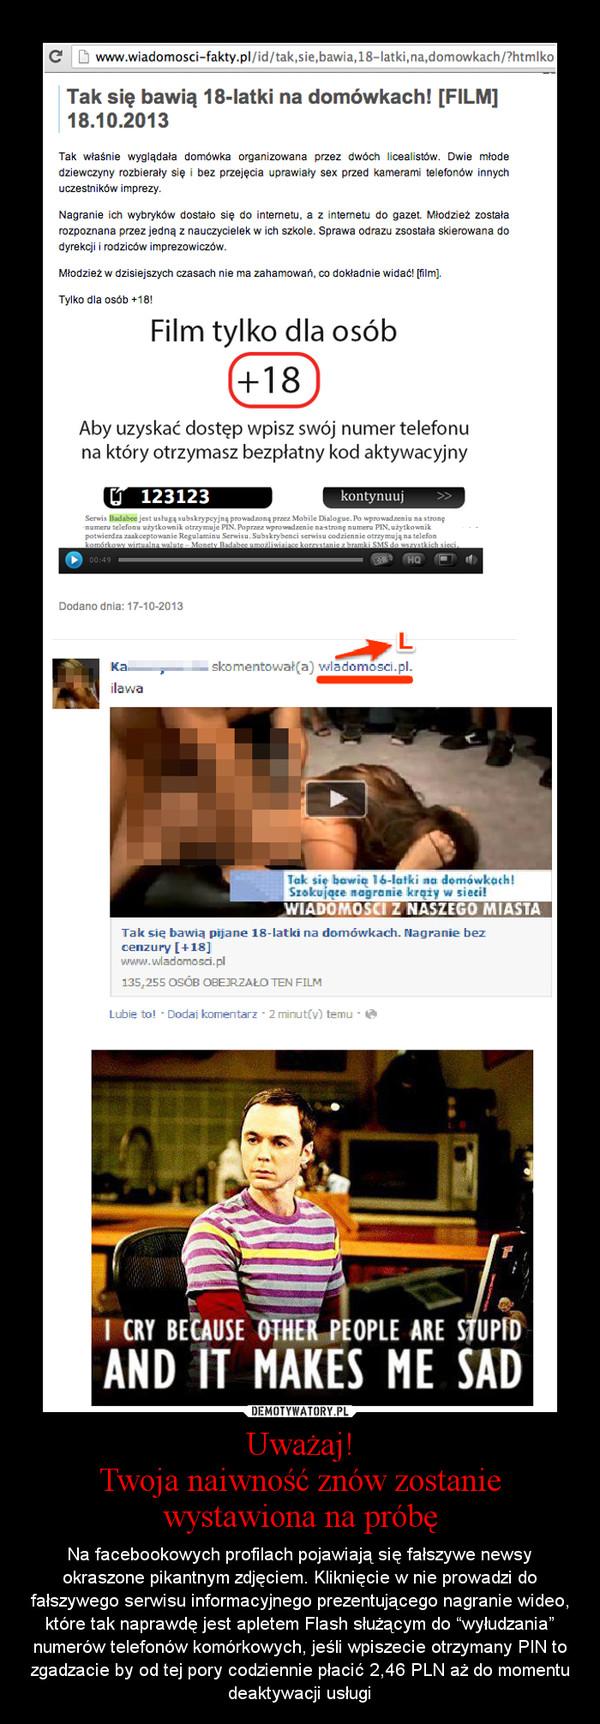 """Uważaj!Twoja naiwność znów zostanie wystawiona na próbę – Na facebookowych profilach pojawiają się fałszywe newsy okraszone pikantnym zdjęciem. Kliknięcie w nie prowadzi do fałszywego serwisu informacyjnego prezentującego nagranie wideo, które tak naprawdę jest apletem Flash służącym do """"wyłudzania"""" numerów telefonów komórkowych, jeśli wpiszecie otrzymany PIN to zgadzacie by od tej pory codziennie płacić 2,46 PLN aż do momentu deaktywacji usługi"""